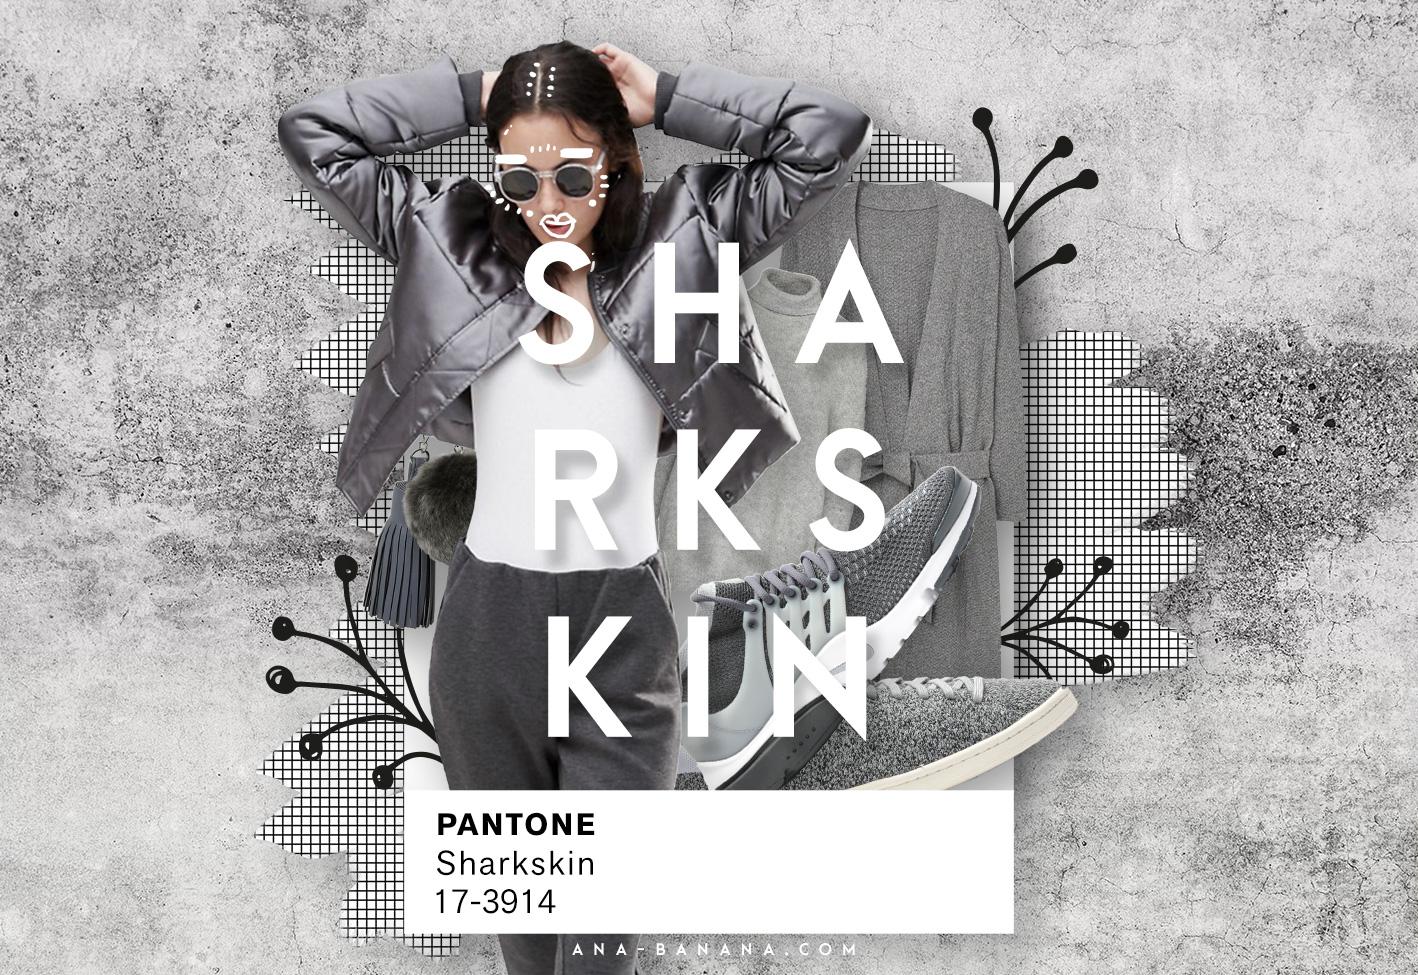 pantone farben herbst winter 2016 2017 sharkskin inspiration